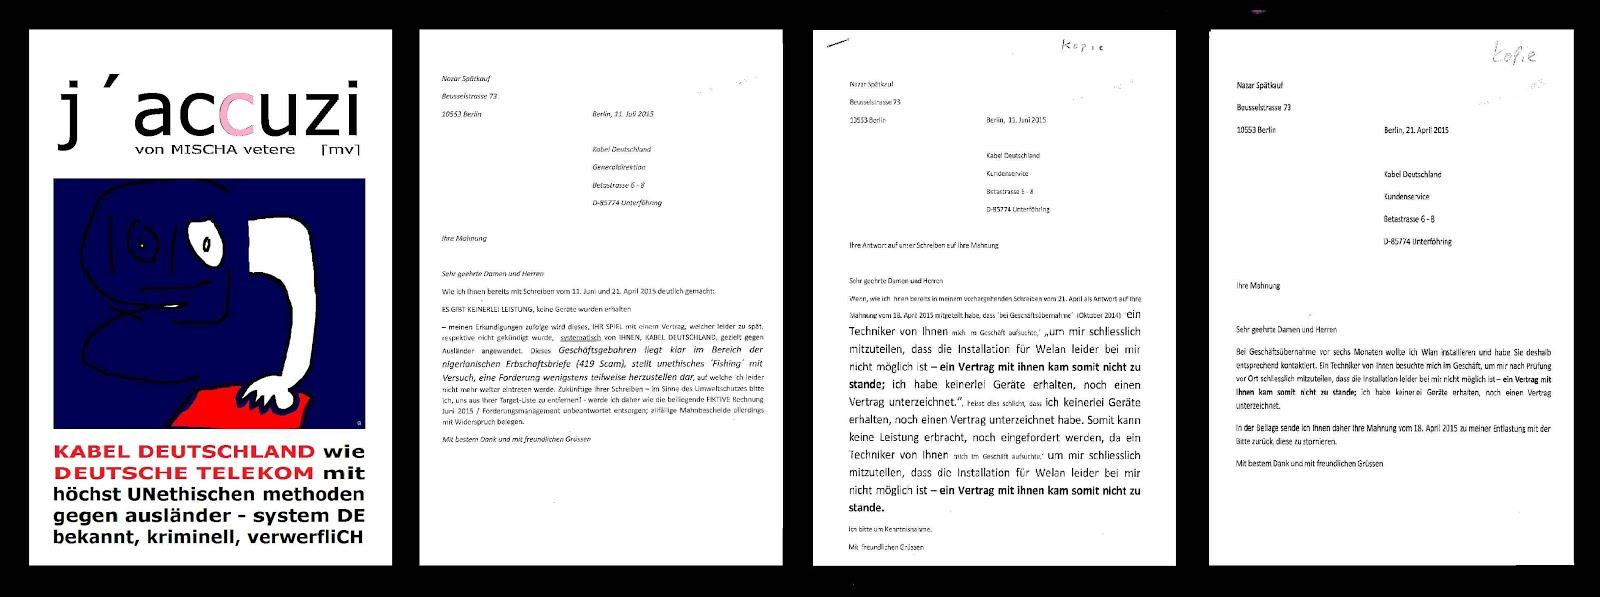 merkel hollande pas de recours collectif deutsche telekom co-responsable airbus crash genozid QUEEN